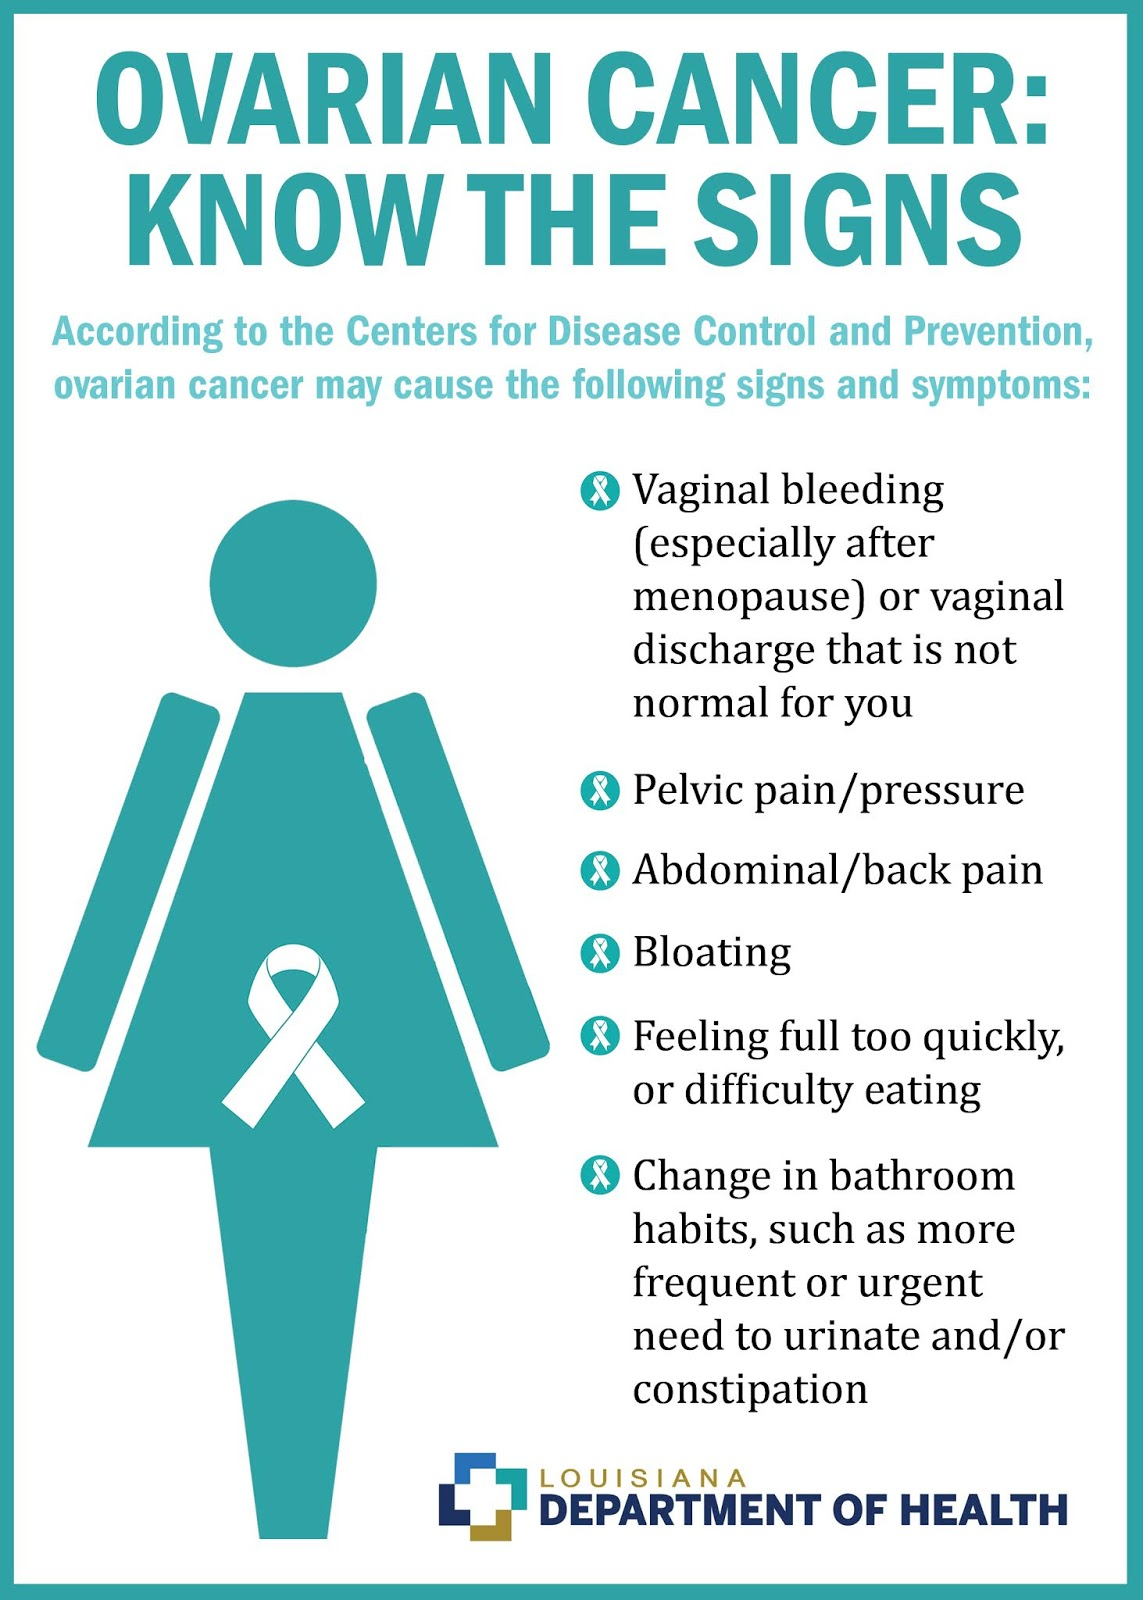 cancer ovarian valori